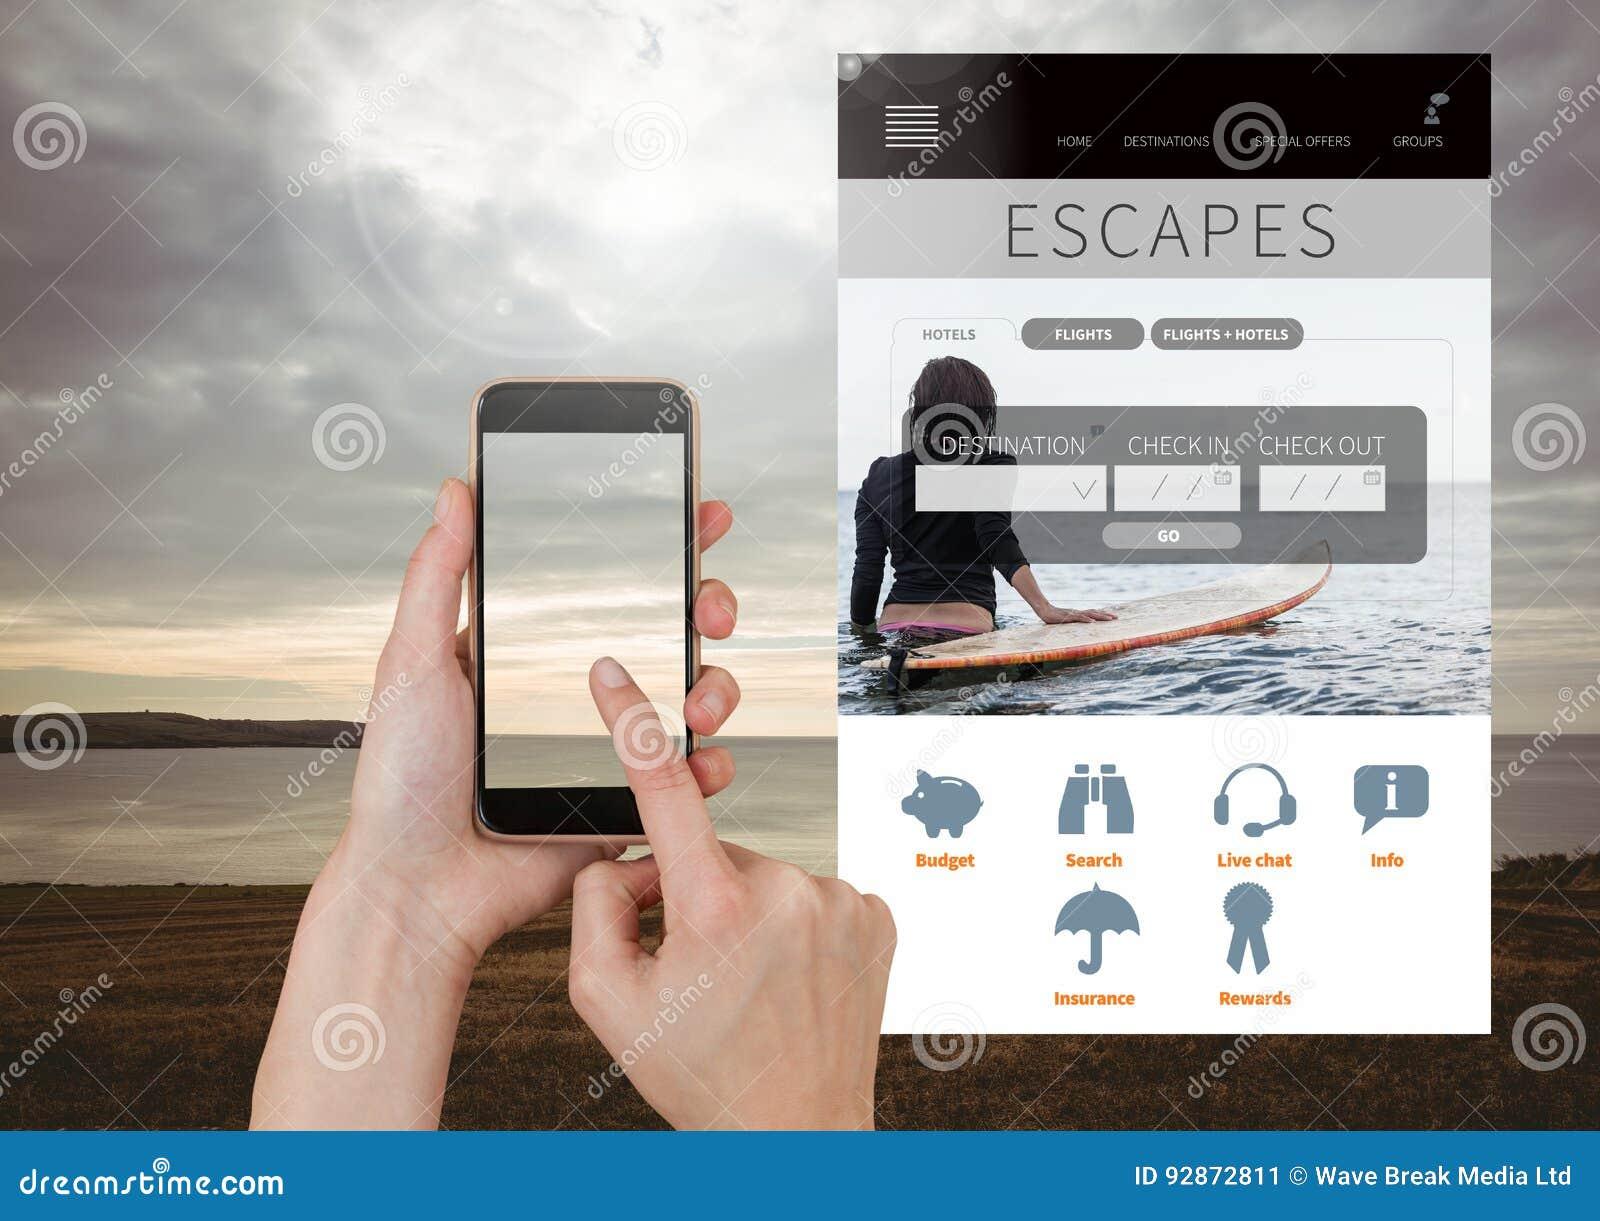 De hand wat betreft Mobiele telefoon ontsnapt App van de Vakantieonderbreking aan Interface met overzees